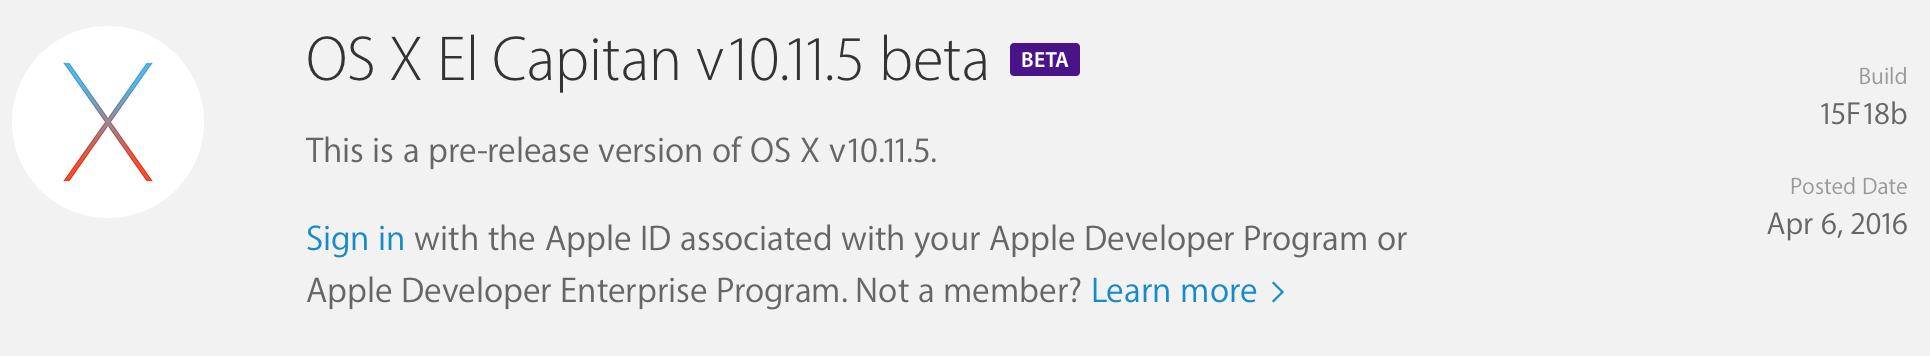 OS X Beta-Release-bildschirmfoto-2016-04-06-um-19.07.43.png